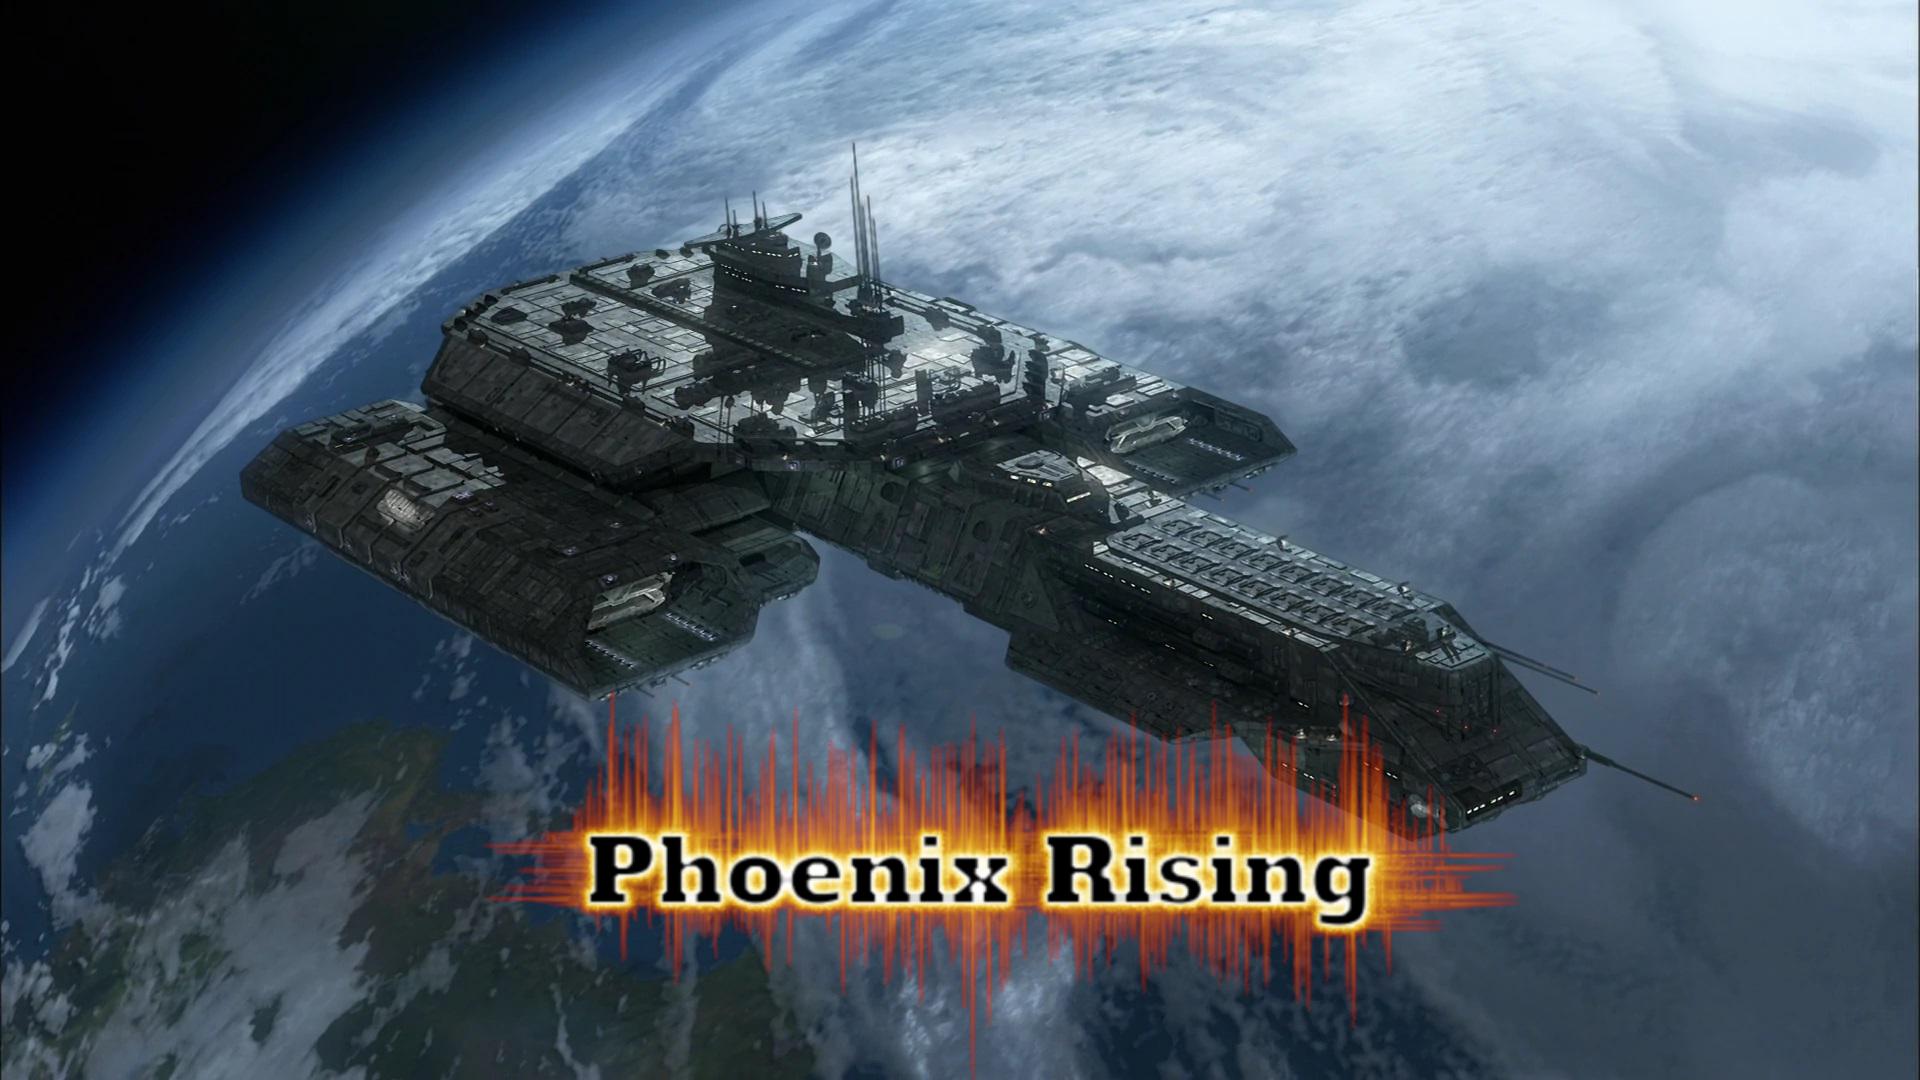 Episode Theme